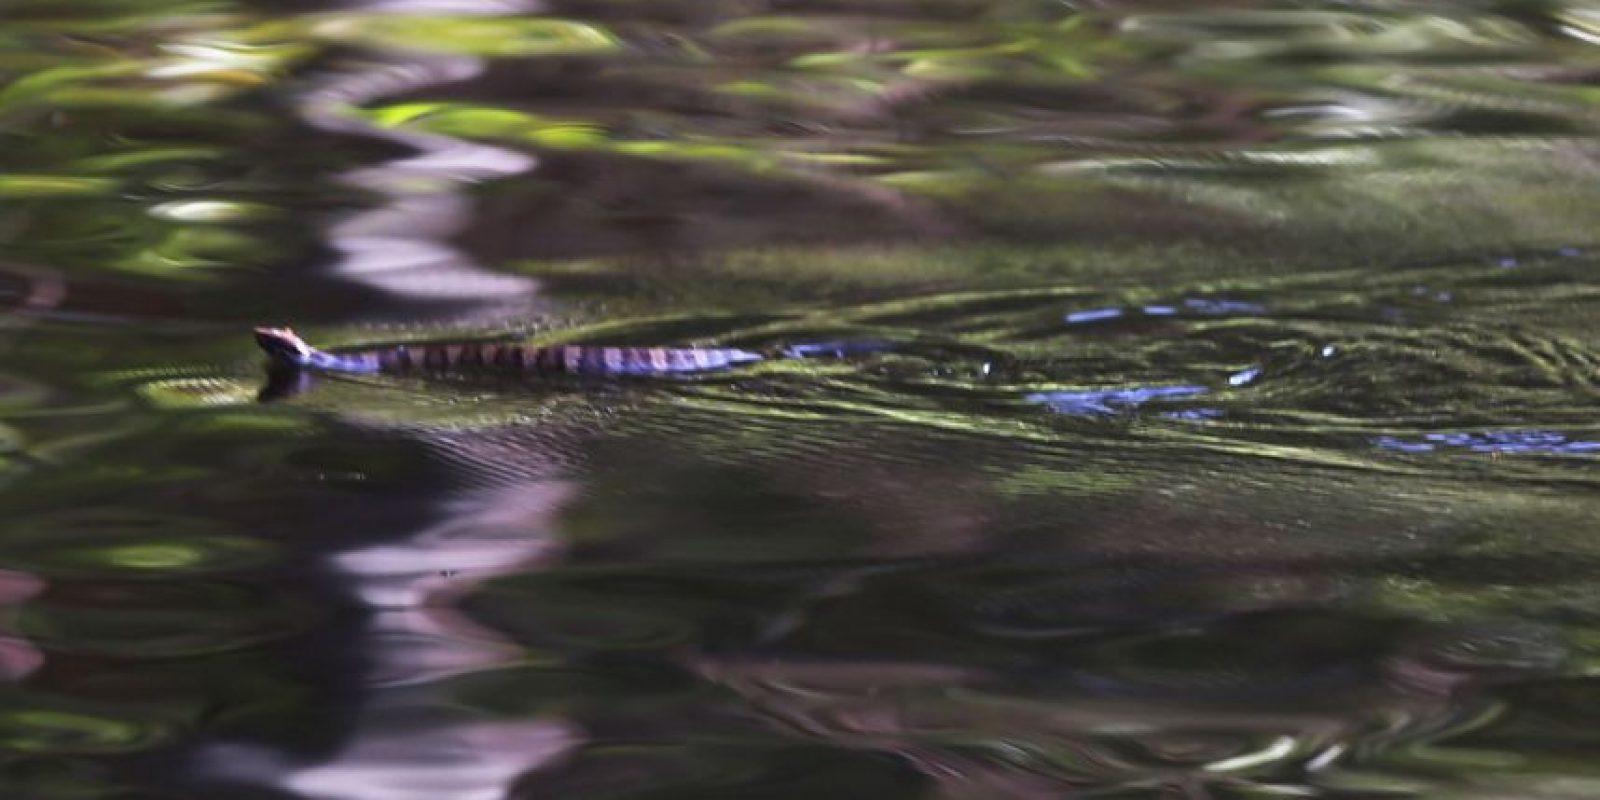 Entre las viboras más venenosas del mundo se encuentra a serpiente marina de pico, o Enhydrina schistosa. Foto:Getty Images